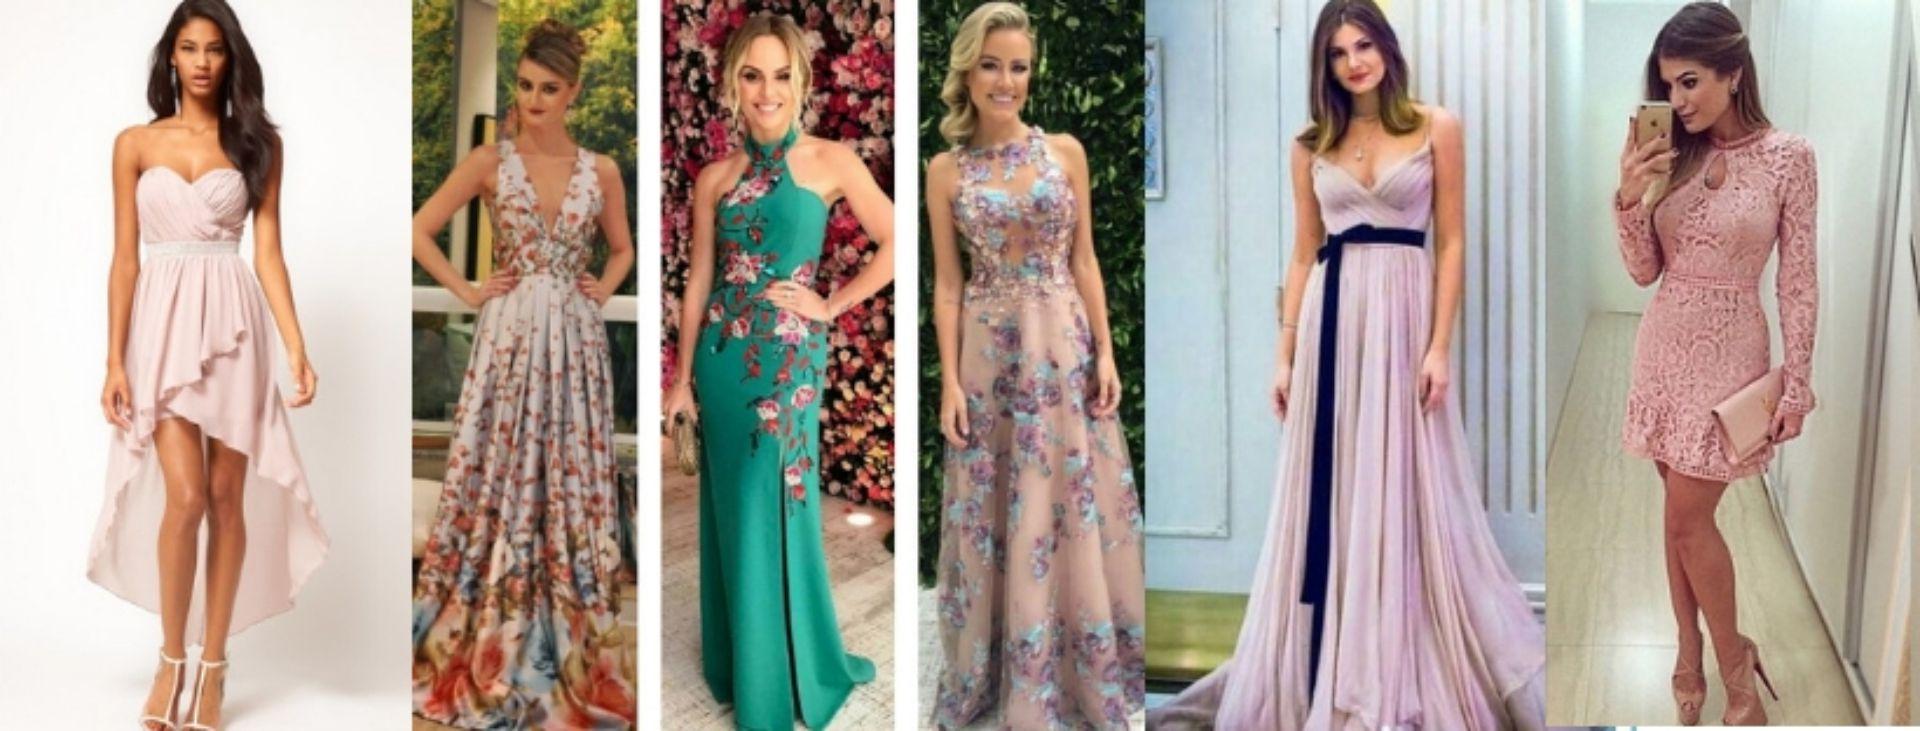 529bd72ba Look madrinha: qual modelo de vestido escolher para um casamento de dia?